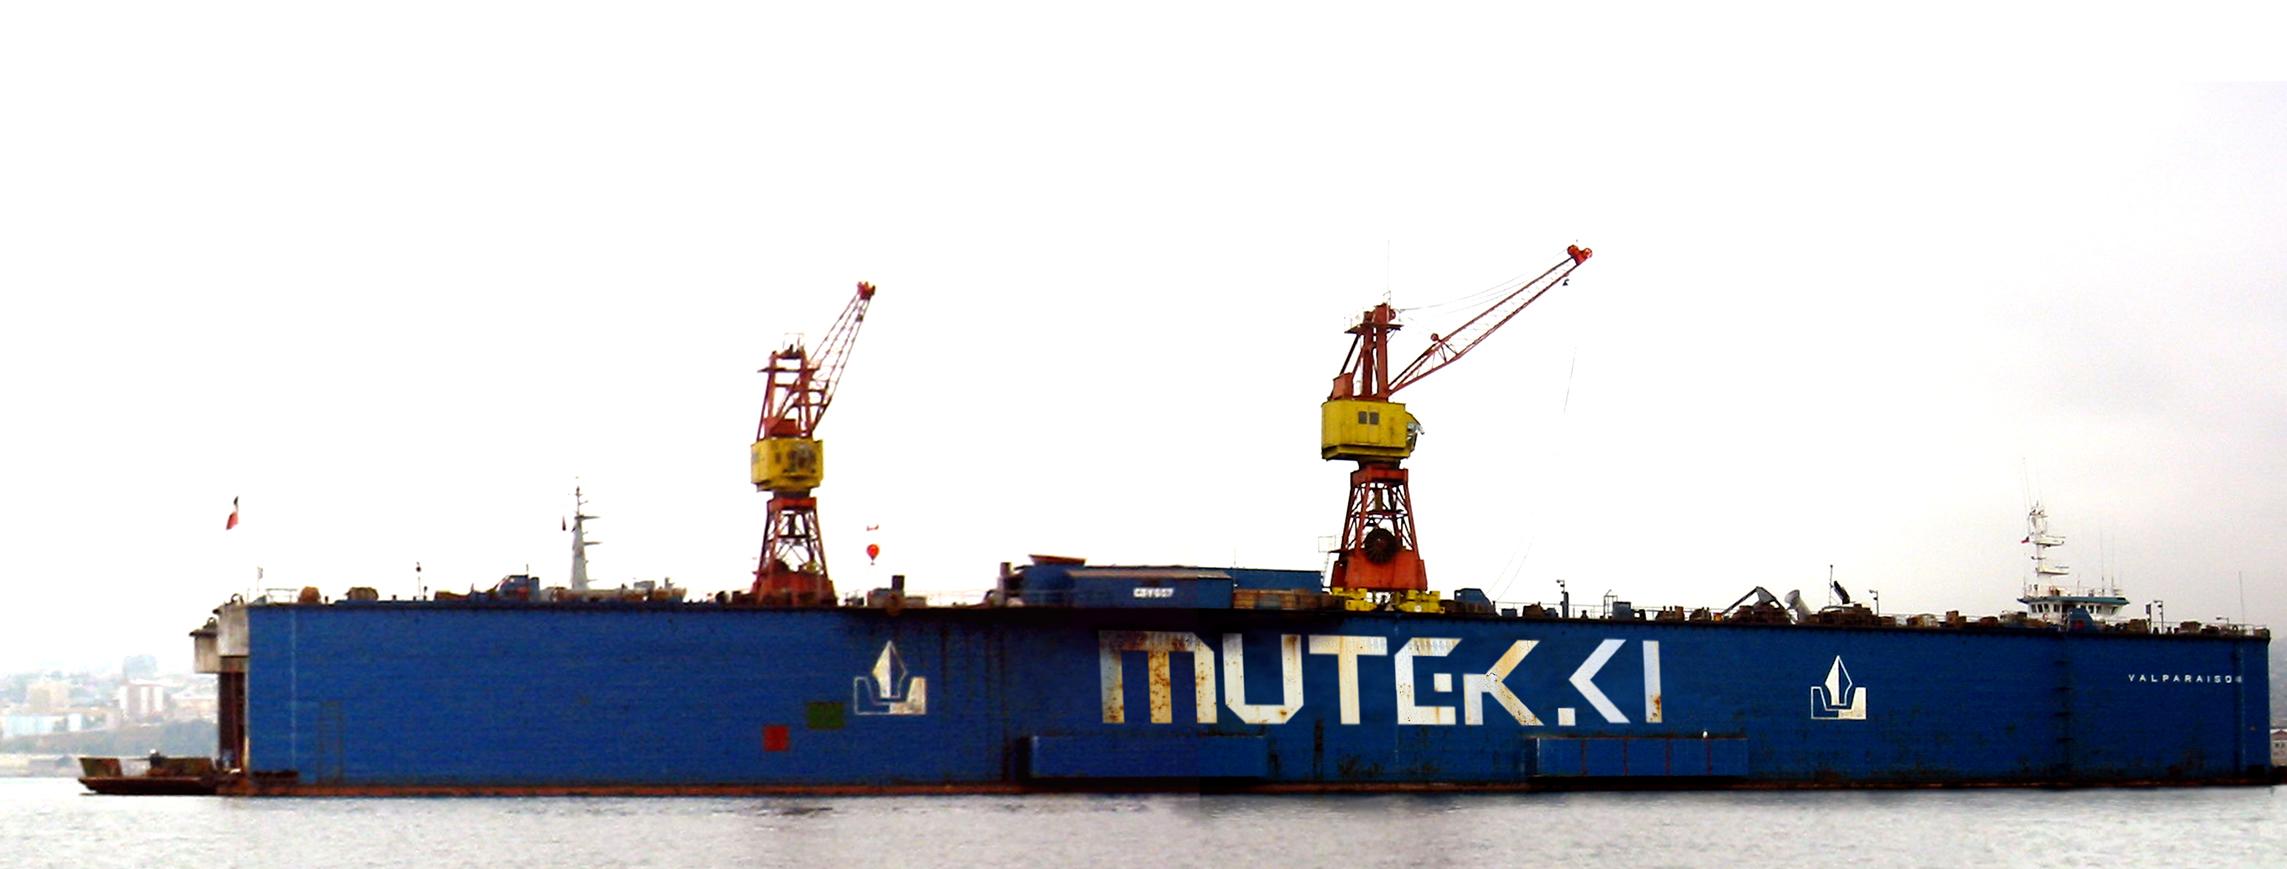 Mutek_base